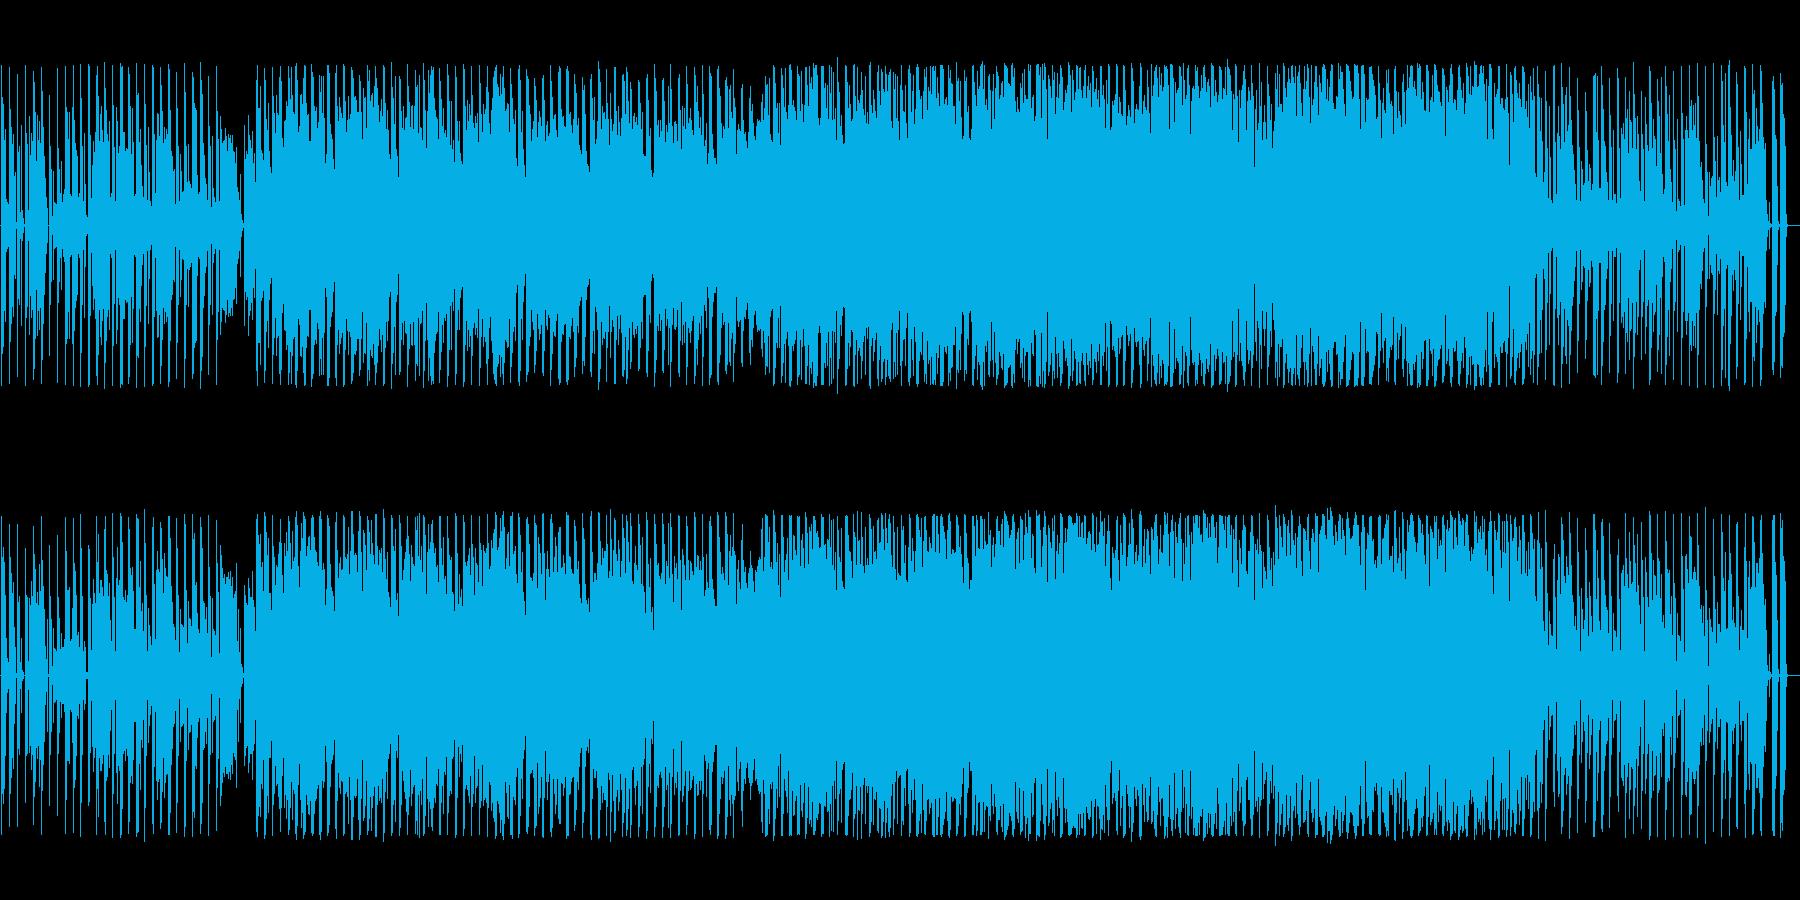 多彩なシンセの音色が光るテクノの再生済みの波形